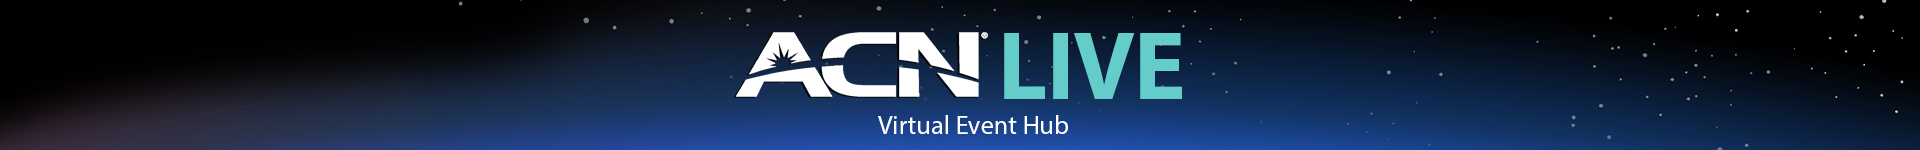 ACN Live Banner